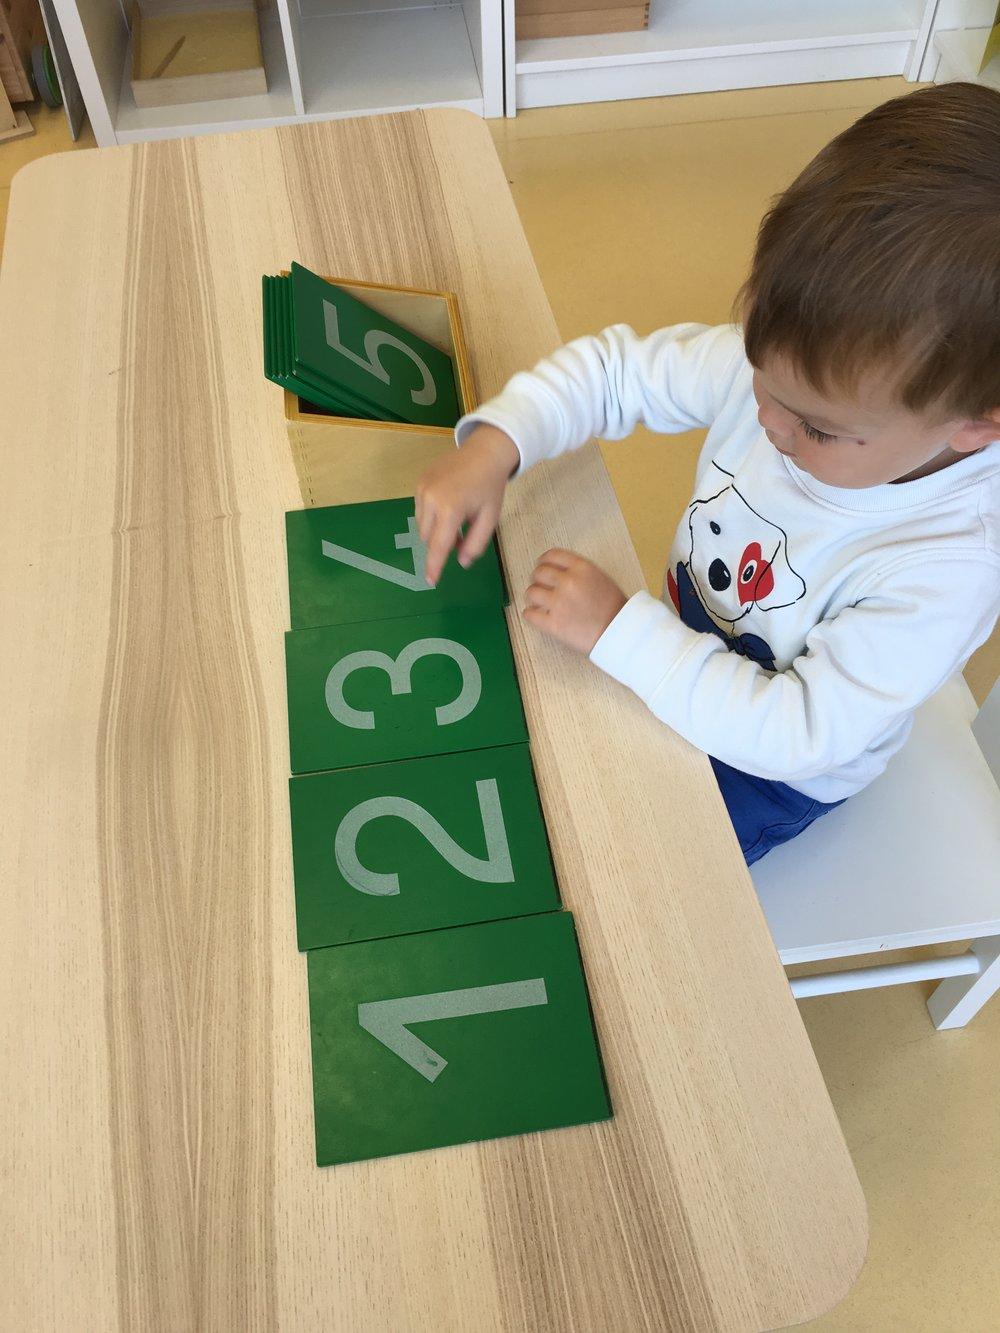 LES CHIFFRES RUGUEUX - Avec les chiffres rugueux, l'enfant associe le nom d'un chiffre à son dessin. Il intègre sa forme et ses contours et se prépare à l'écrire.